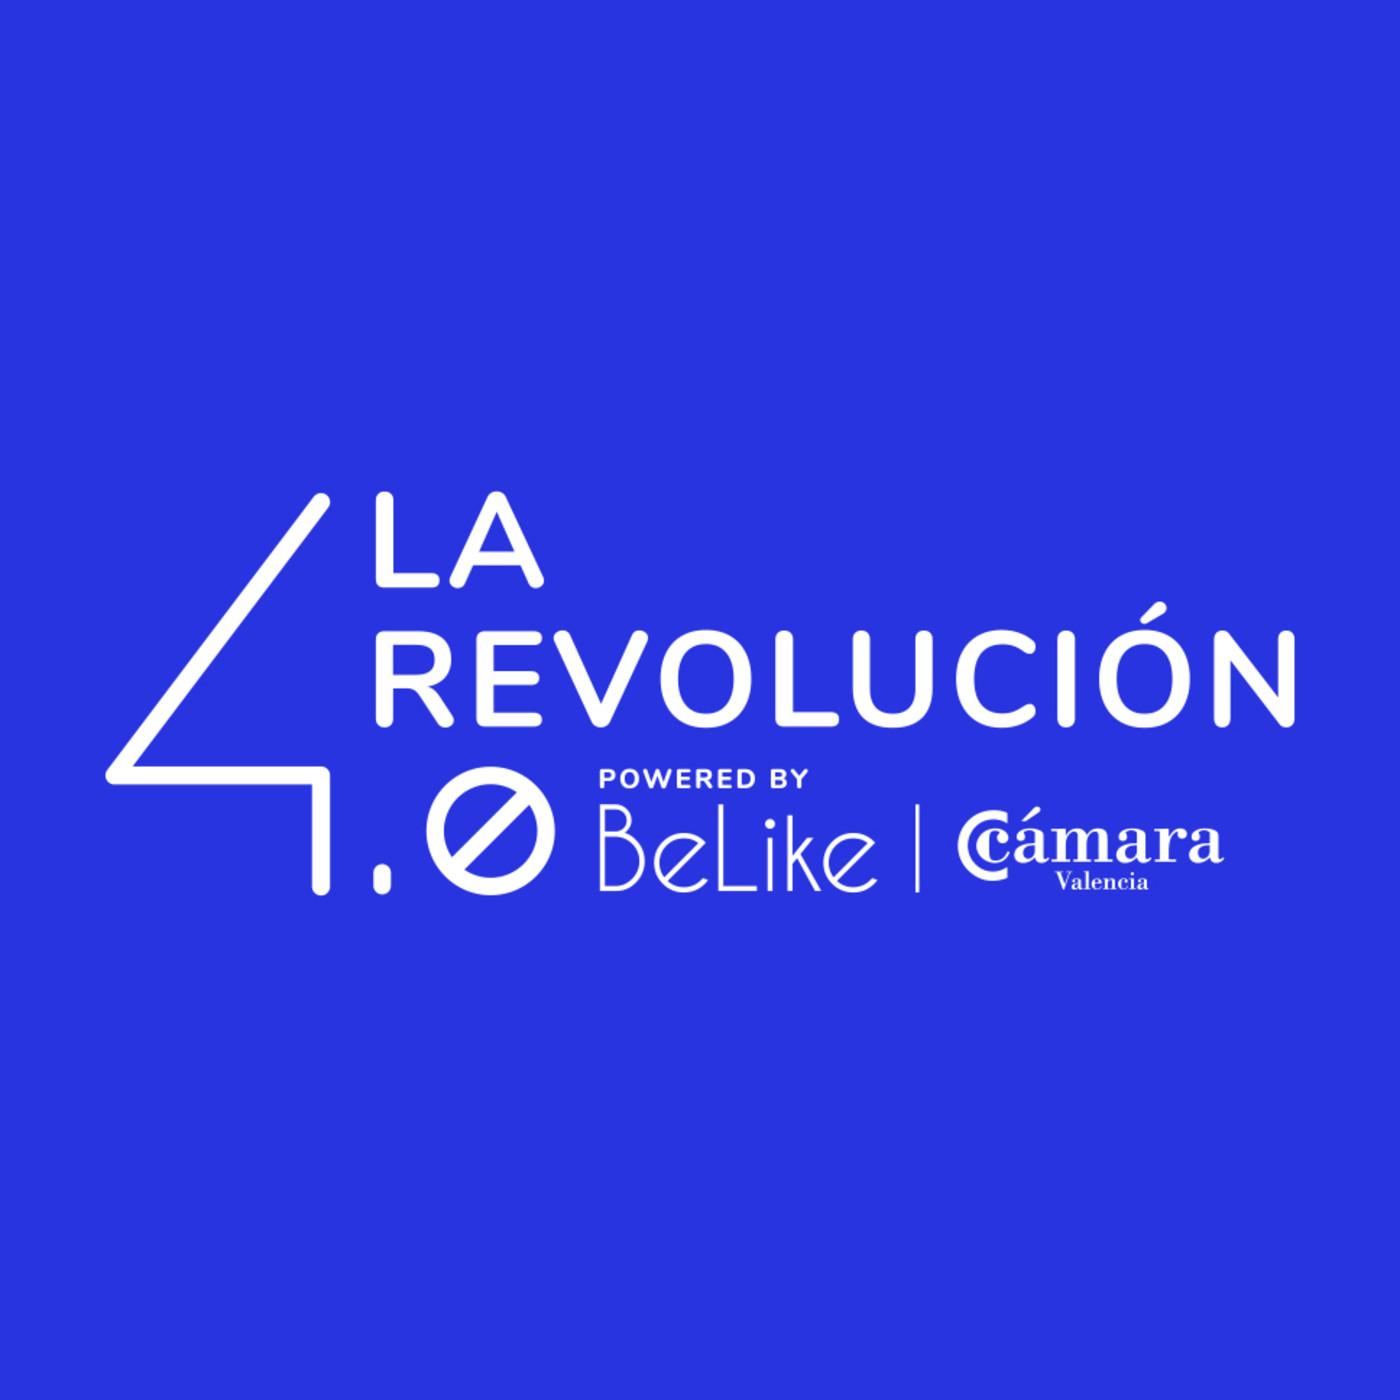 La revolución 4.0